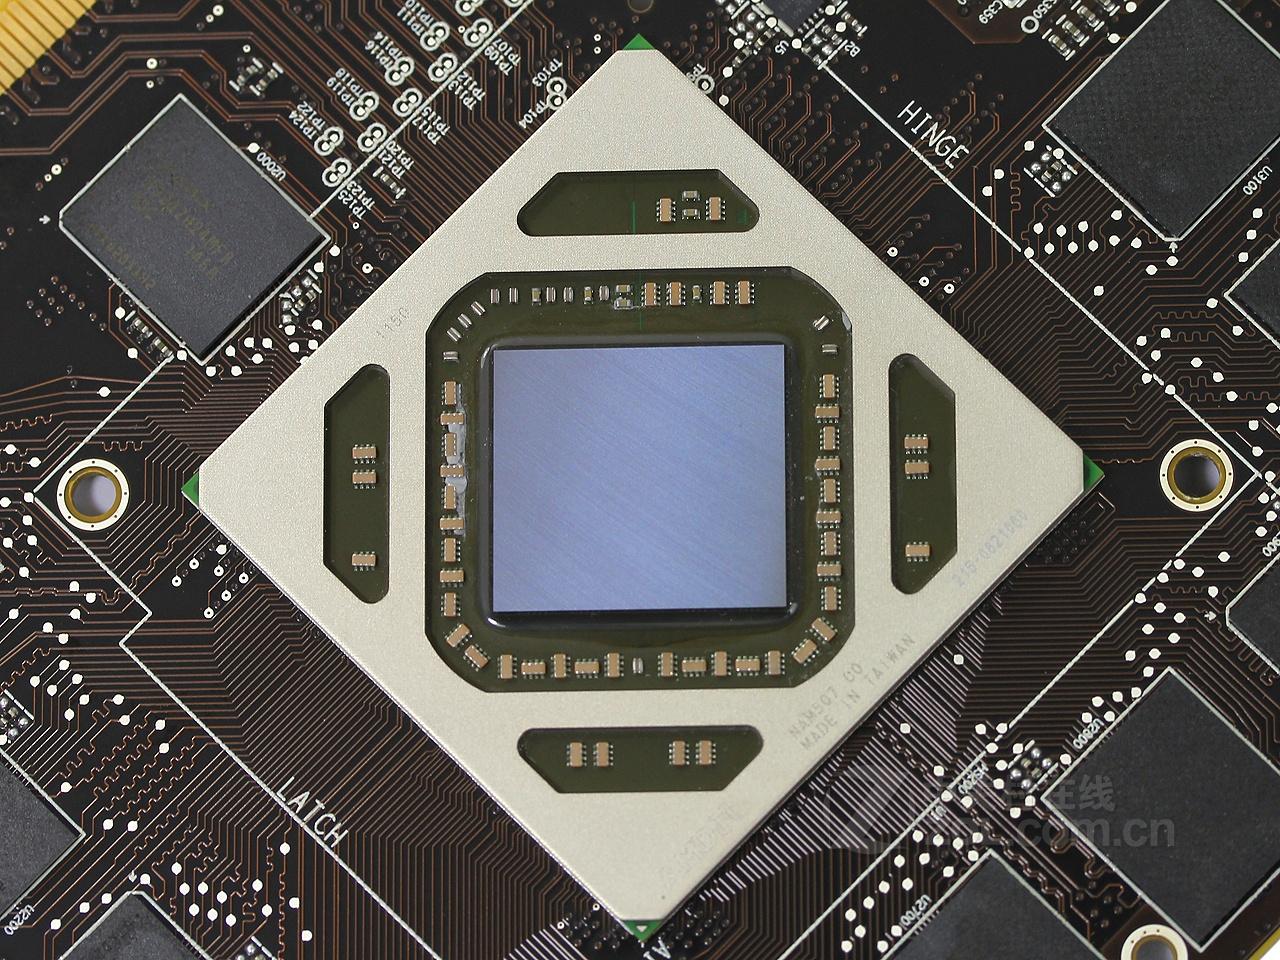 镭风 HD7970 龙蜥版 3072M